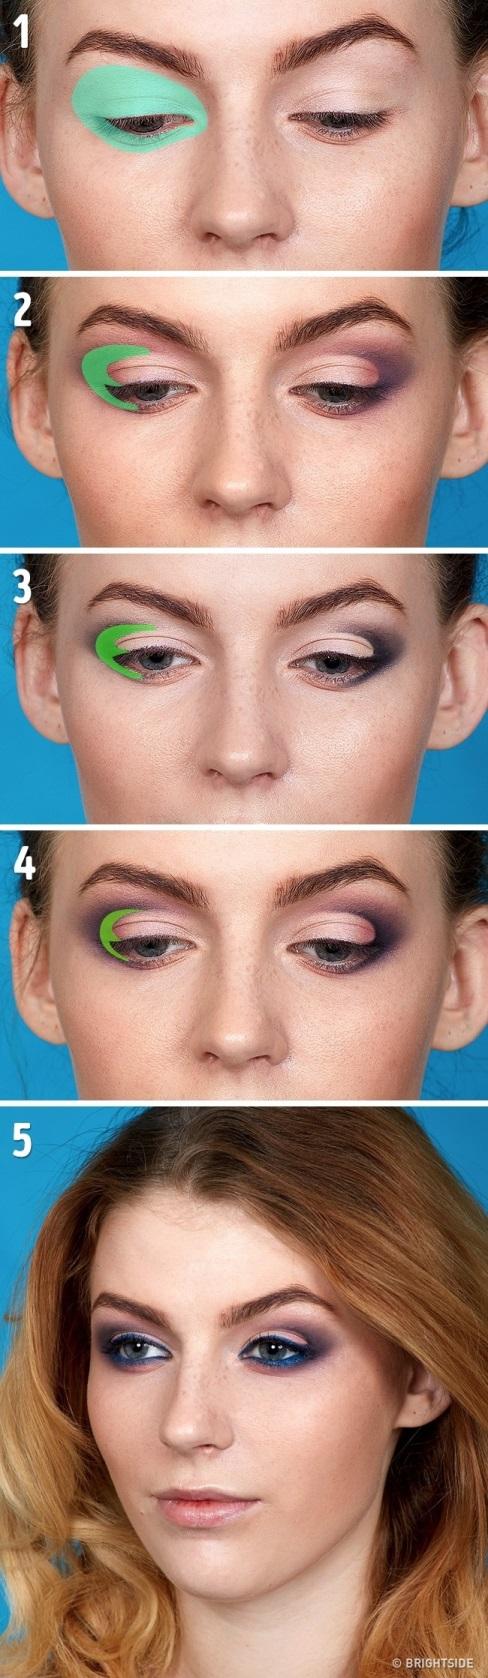 آرایش مدادی چشم